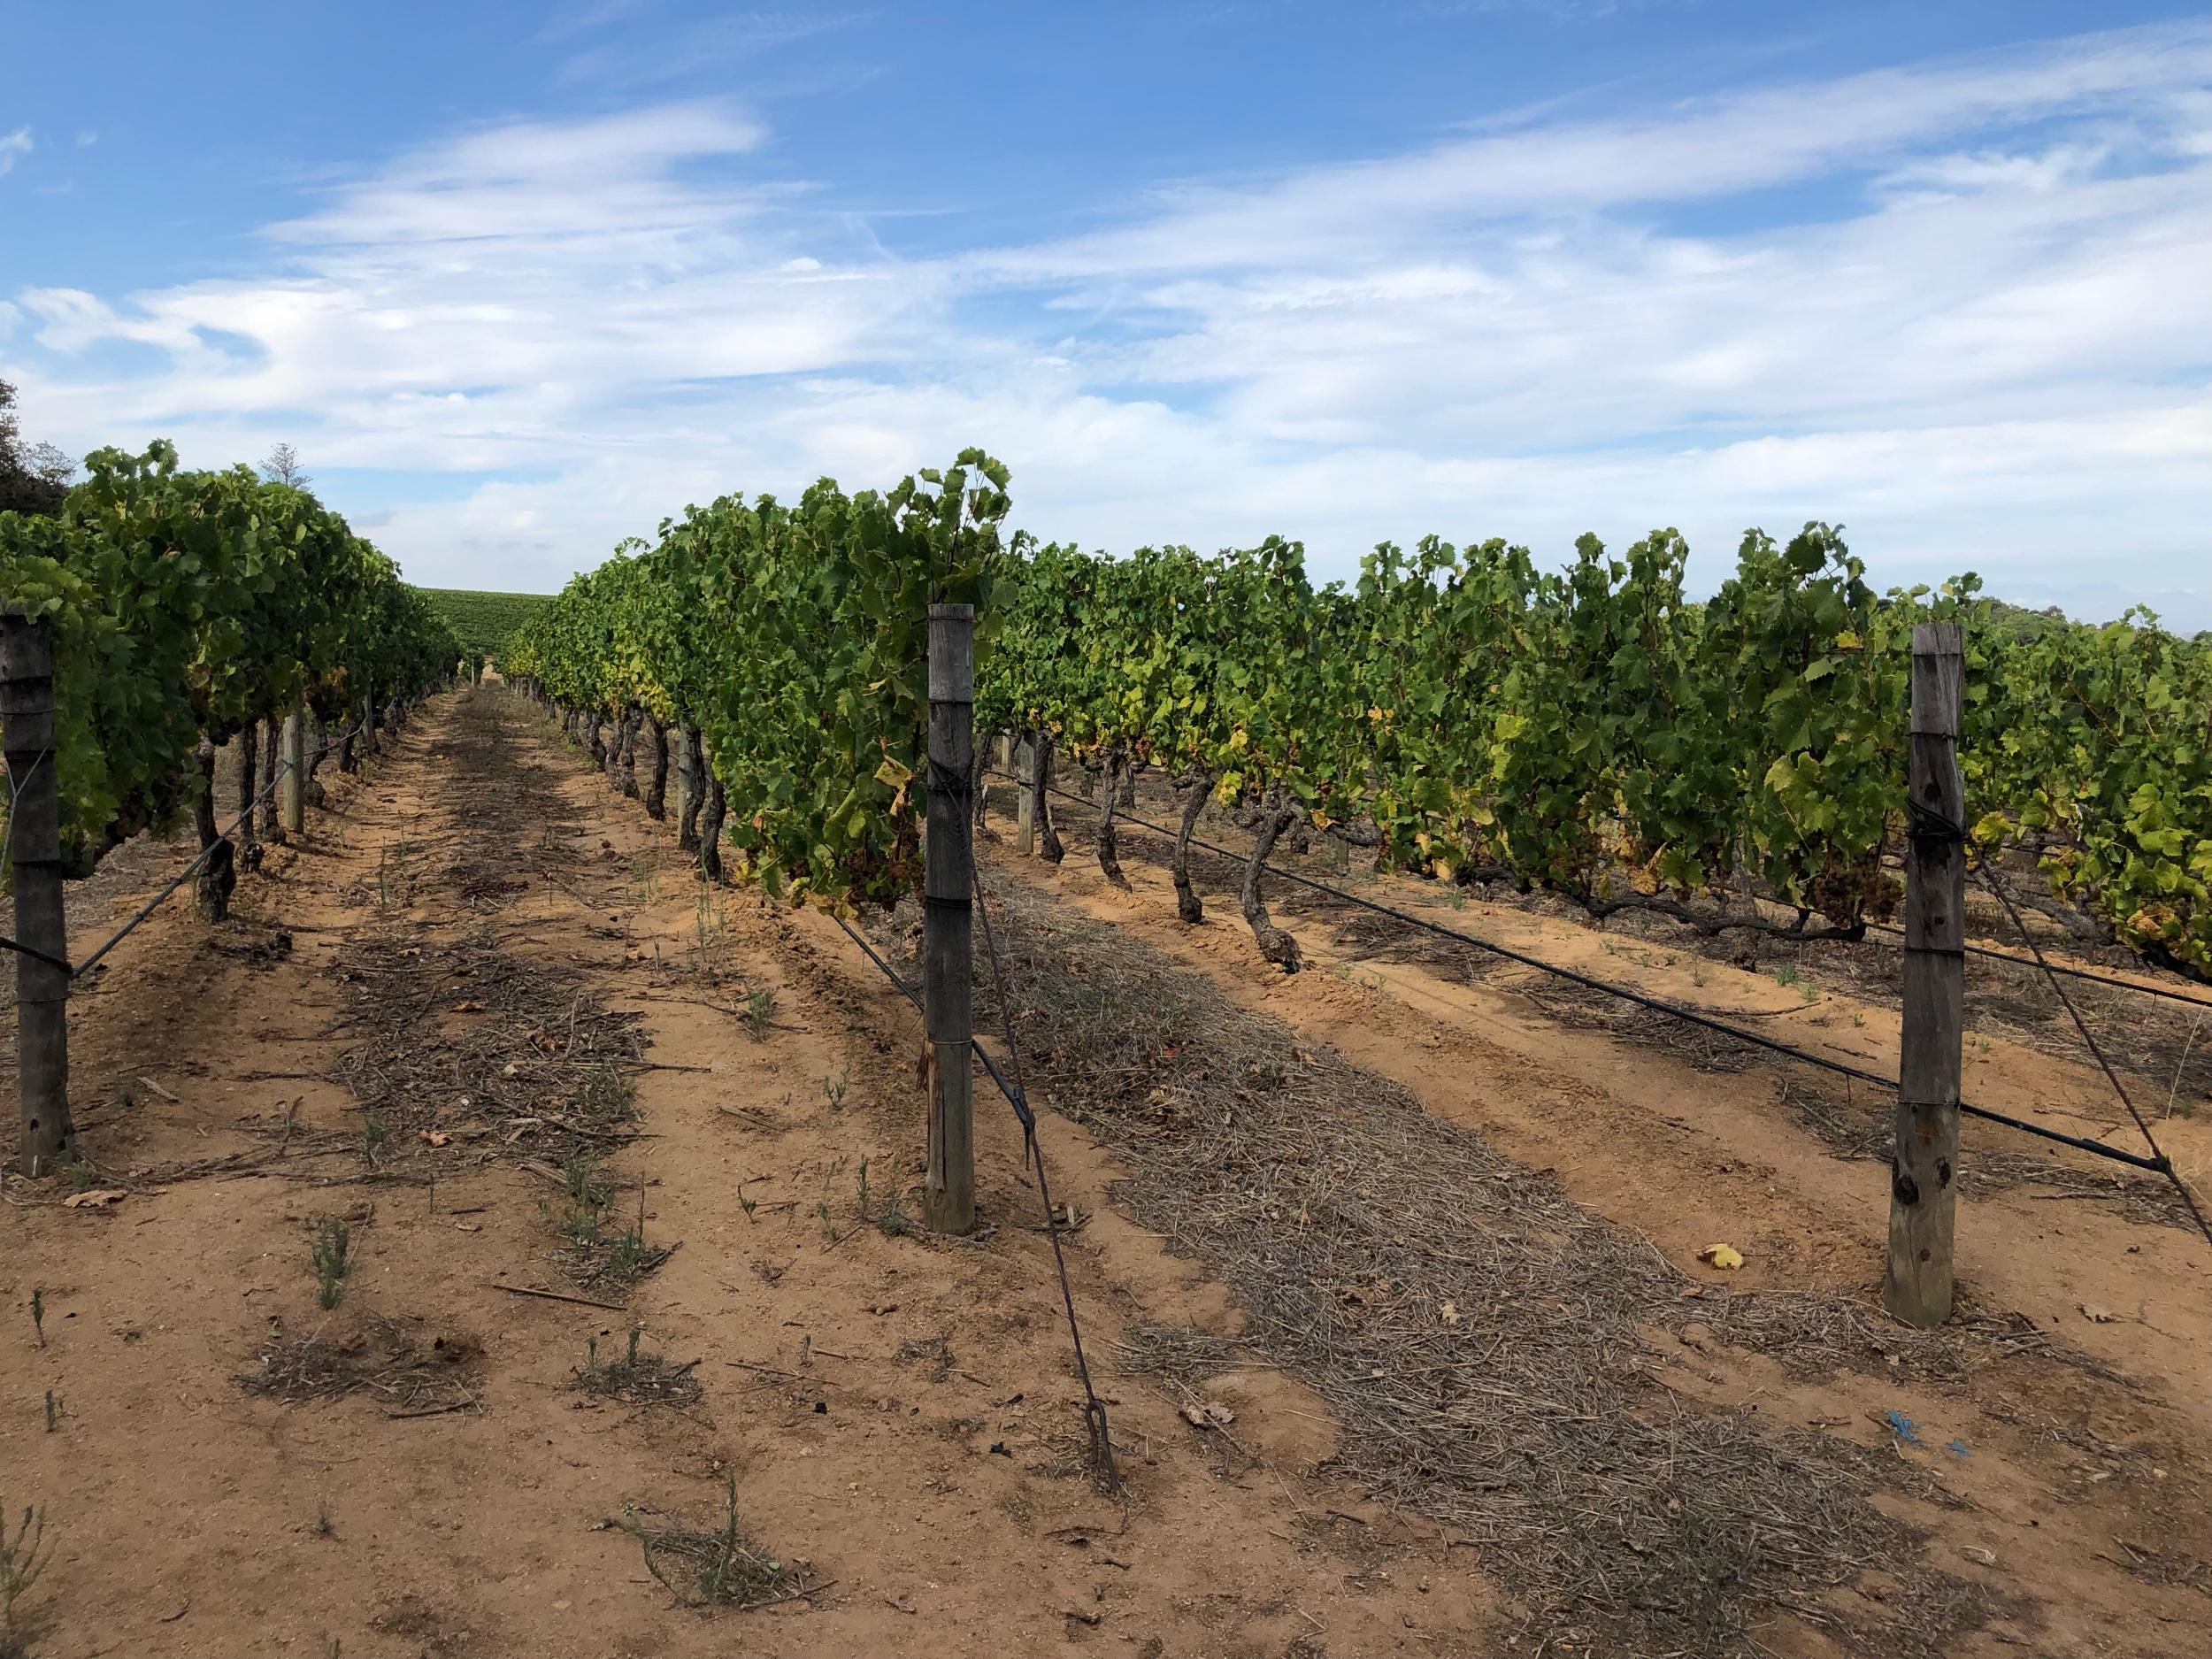 Vineyards at Groot Constantia